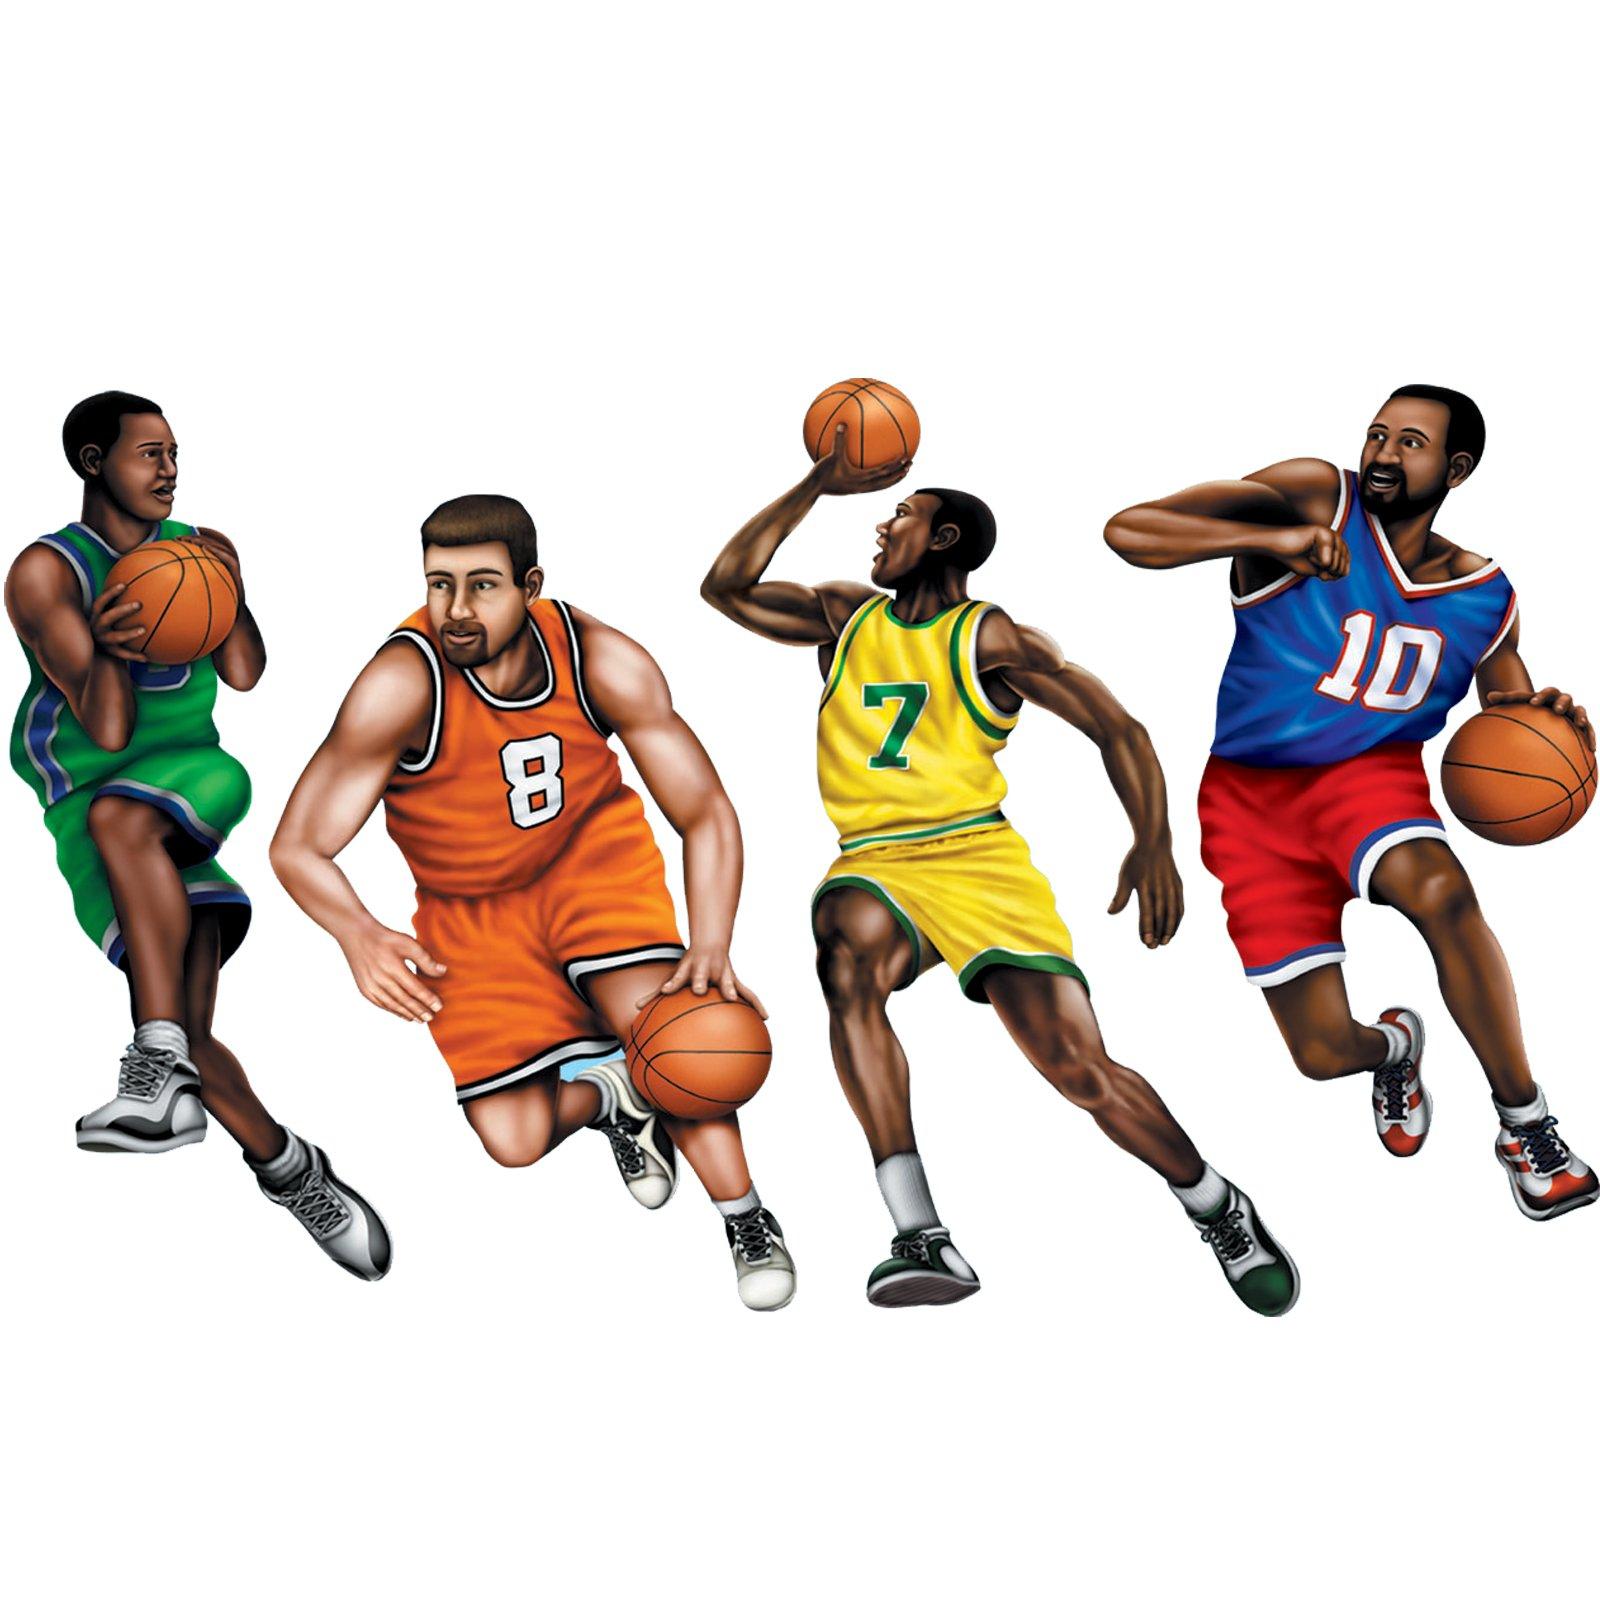 ruang lingkup olahraga basket blog seputar ilmu olah raga